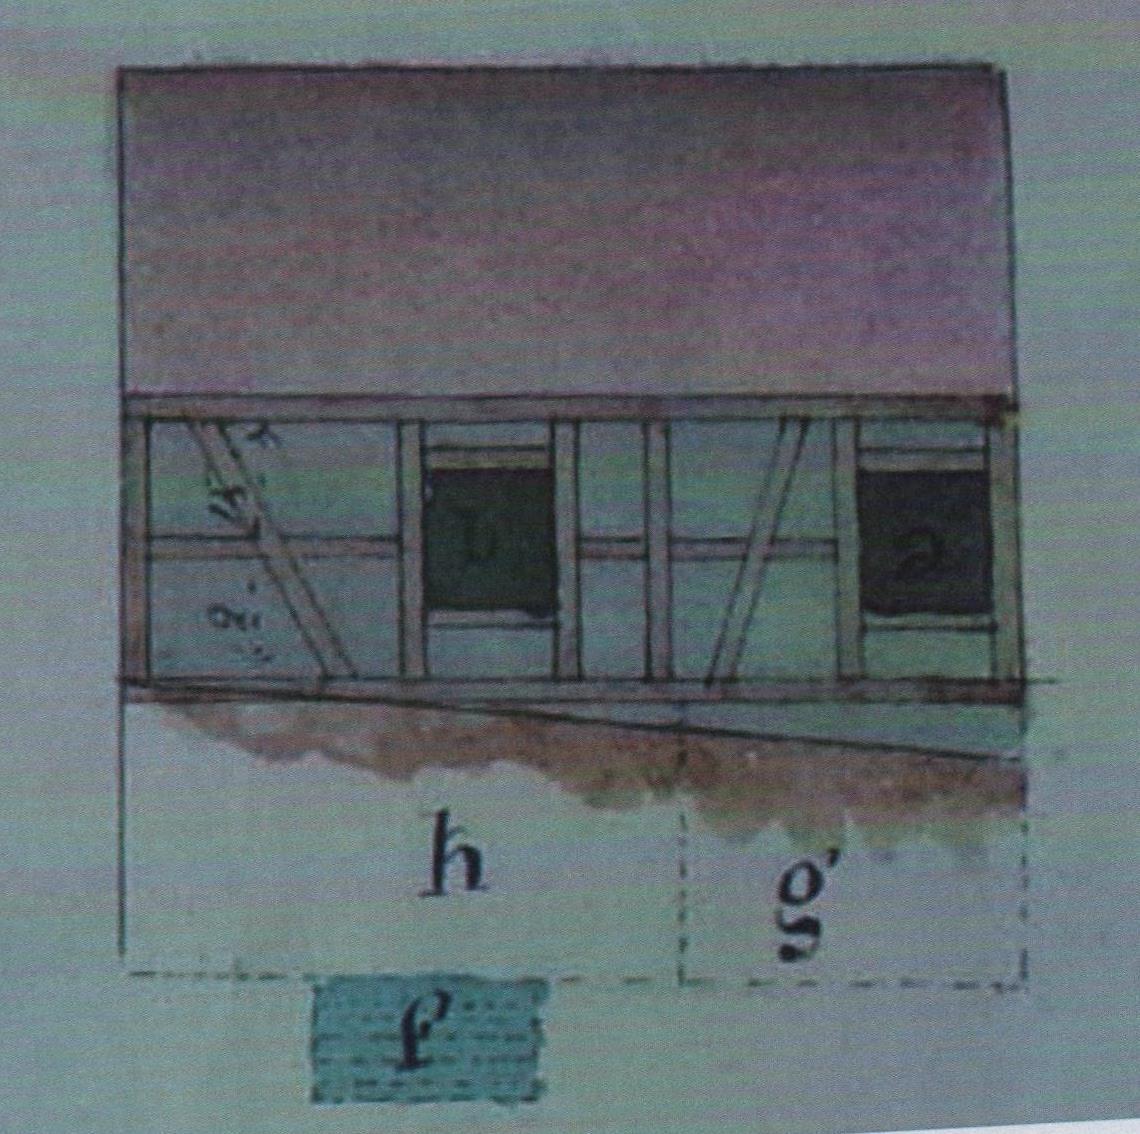 Le plan de la maison du chantre et le mikvé, installé dans le sous-sol (f).